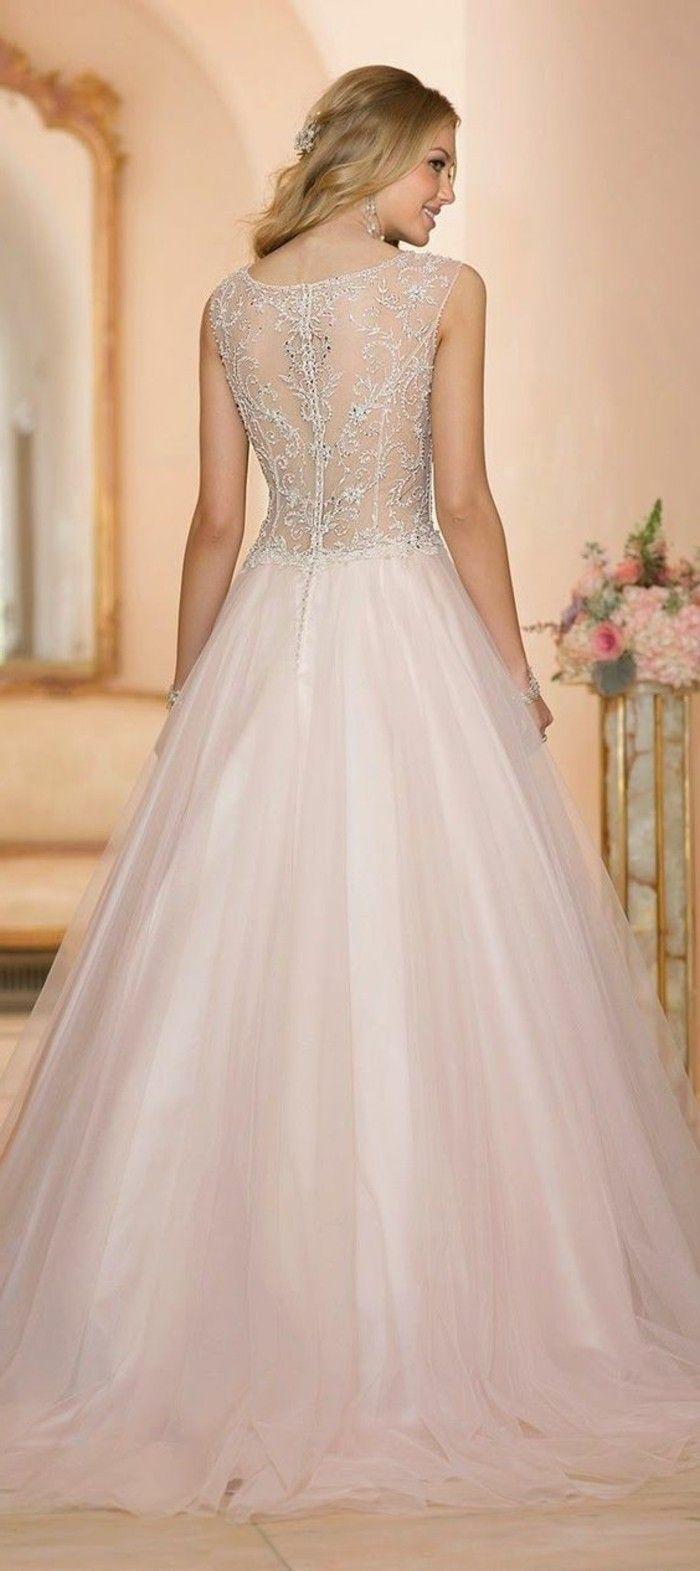 Rosa Brautkleid für einen glamourösen Hochzeits-Look | Pinterest ...